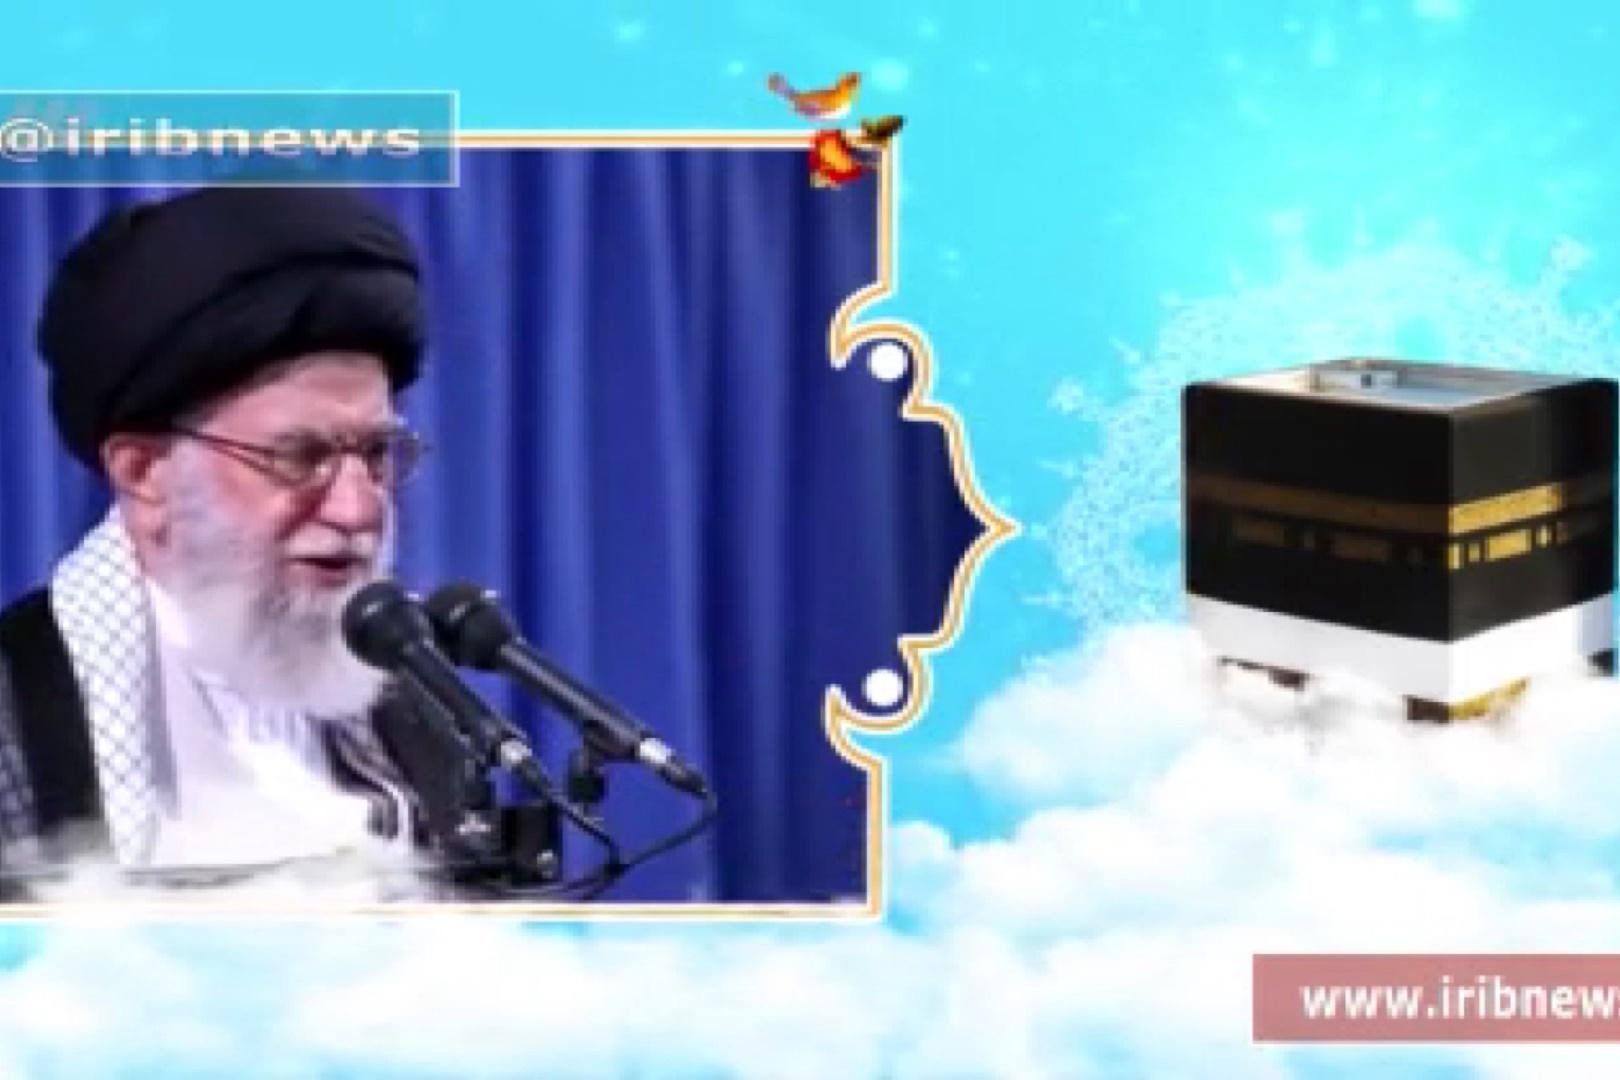 فیلم | توصیههای رهبرانقلاب به حجاج بیتالله الحرام | از بازارگردی پرهیز کنید